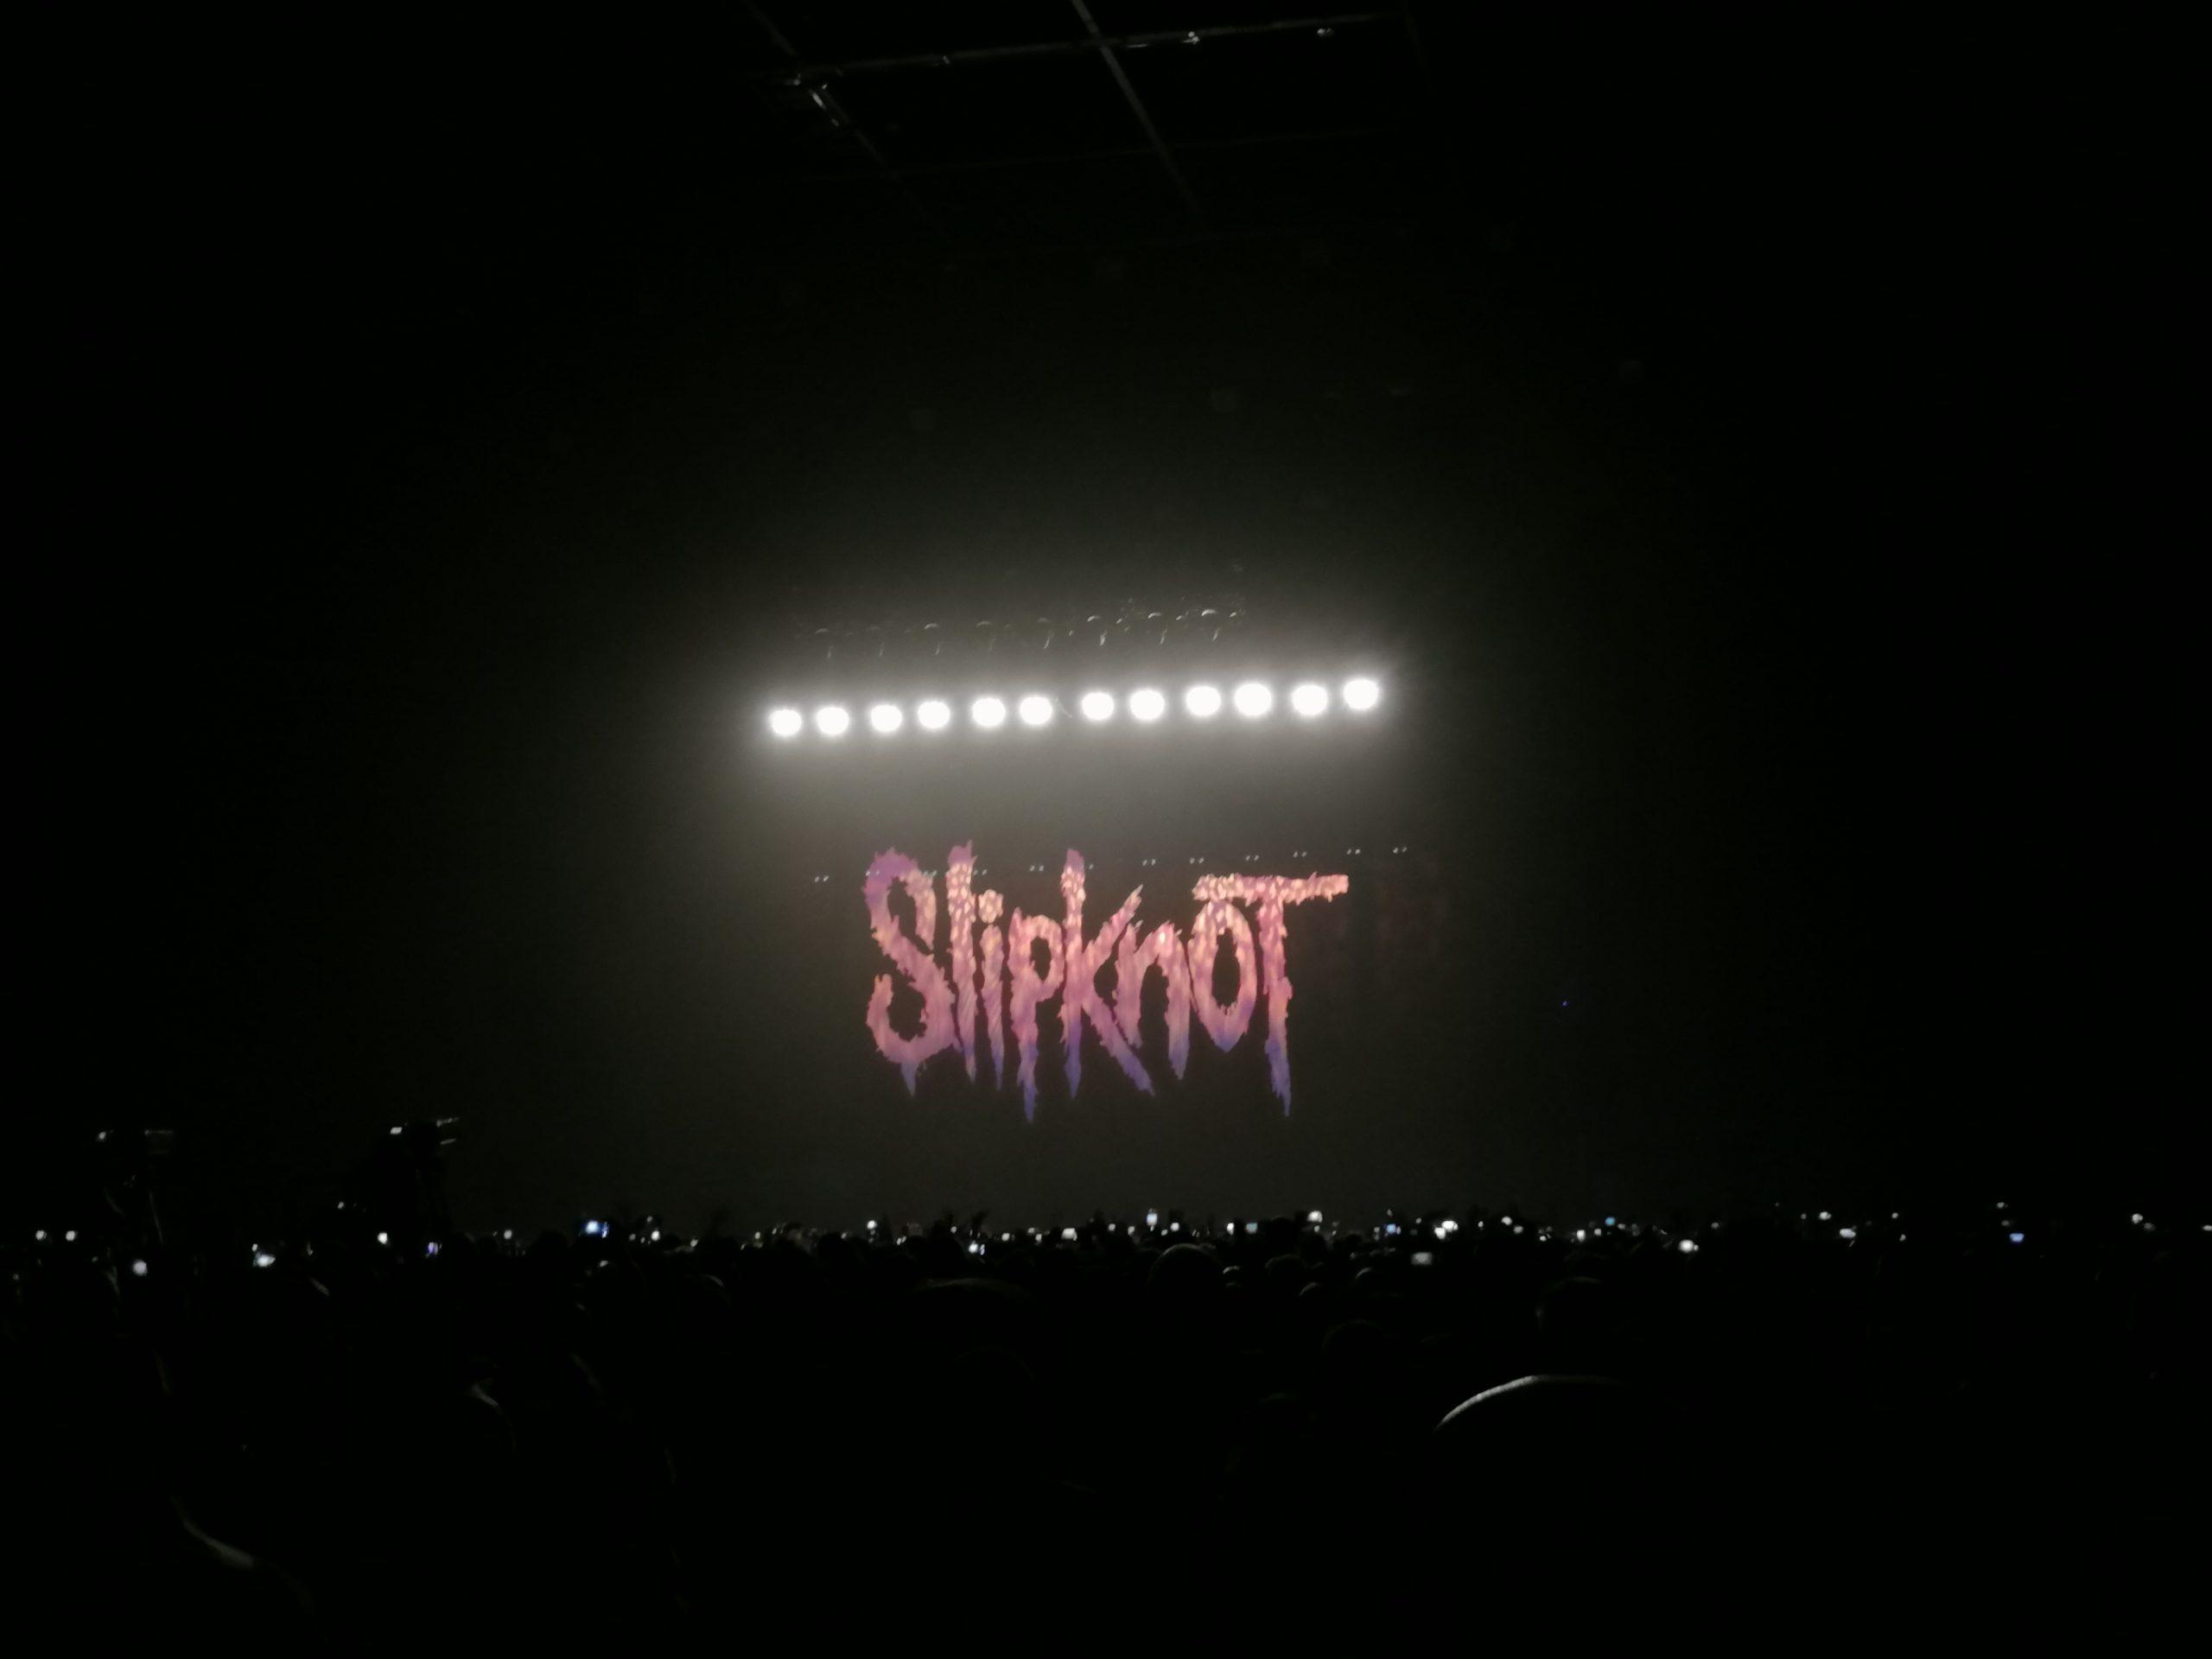 Beszámoló a Slipknot koncertről